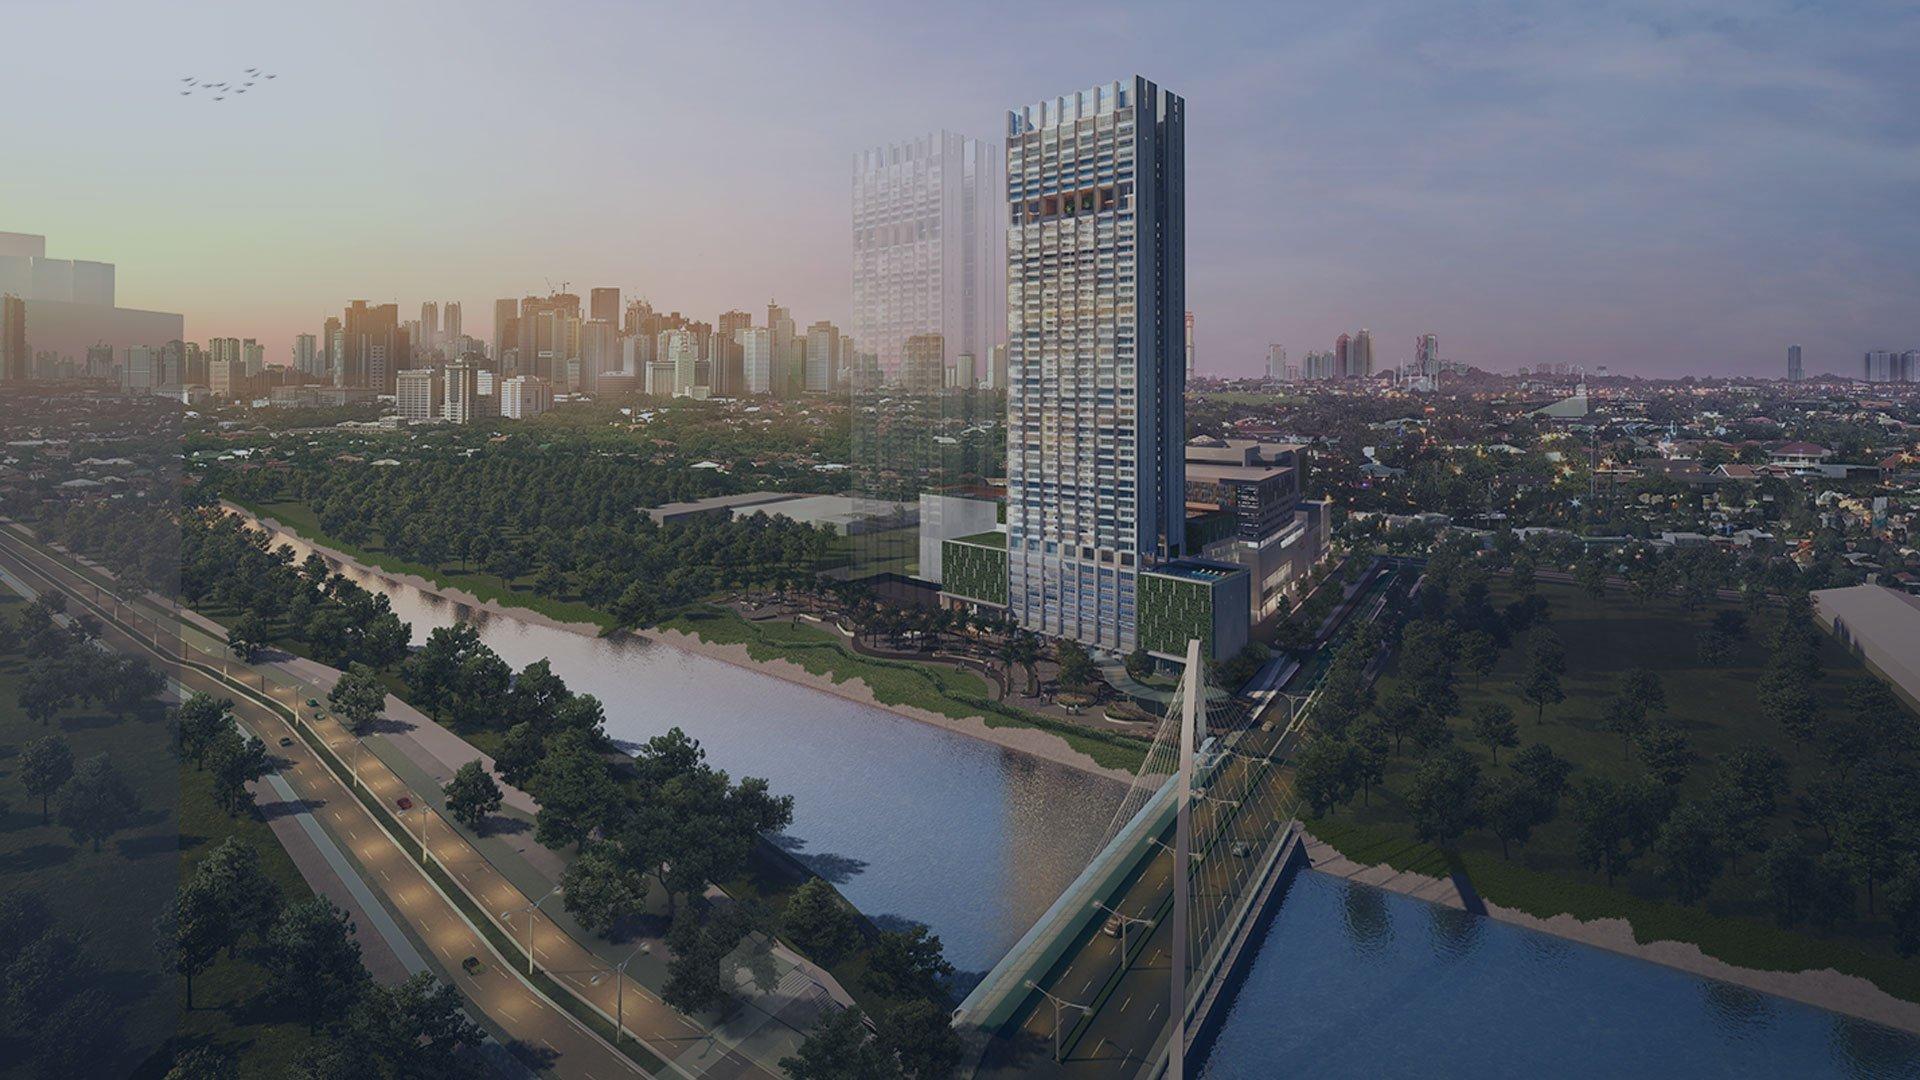 Parklinks North Tower Quezon City